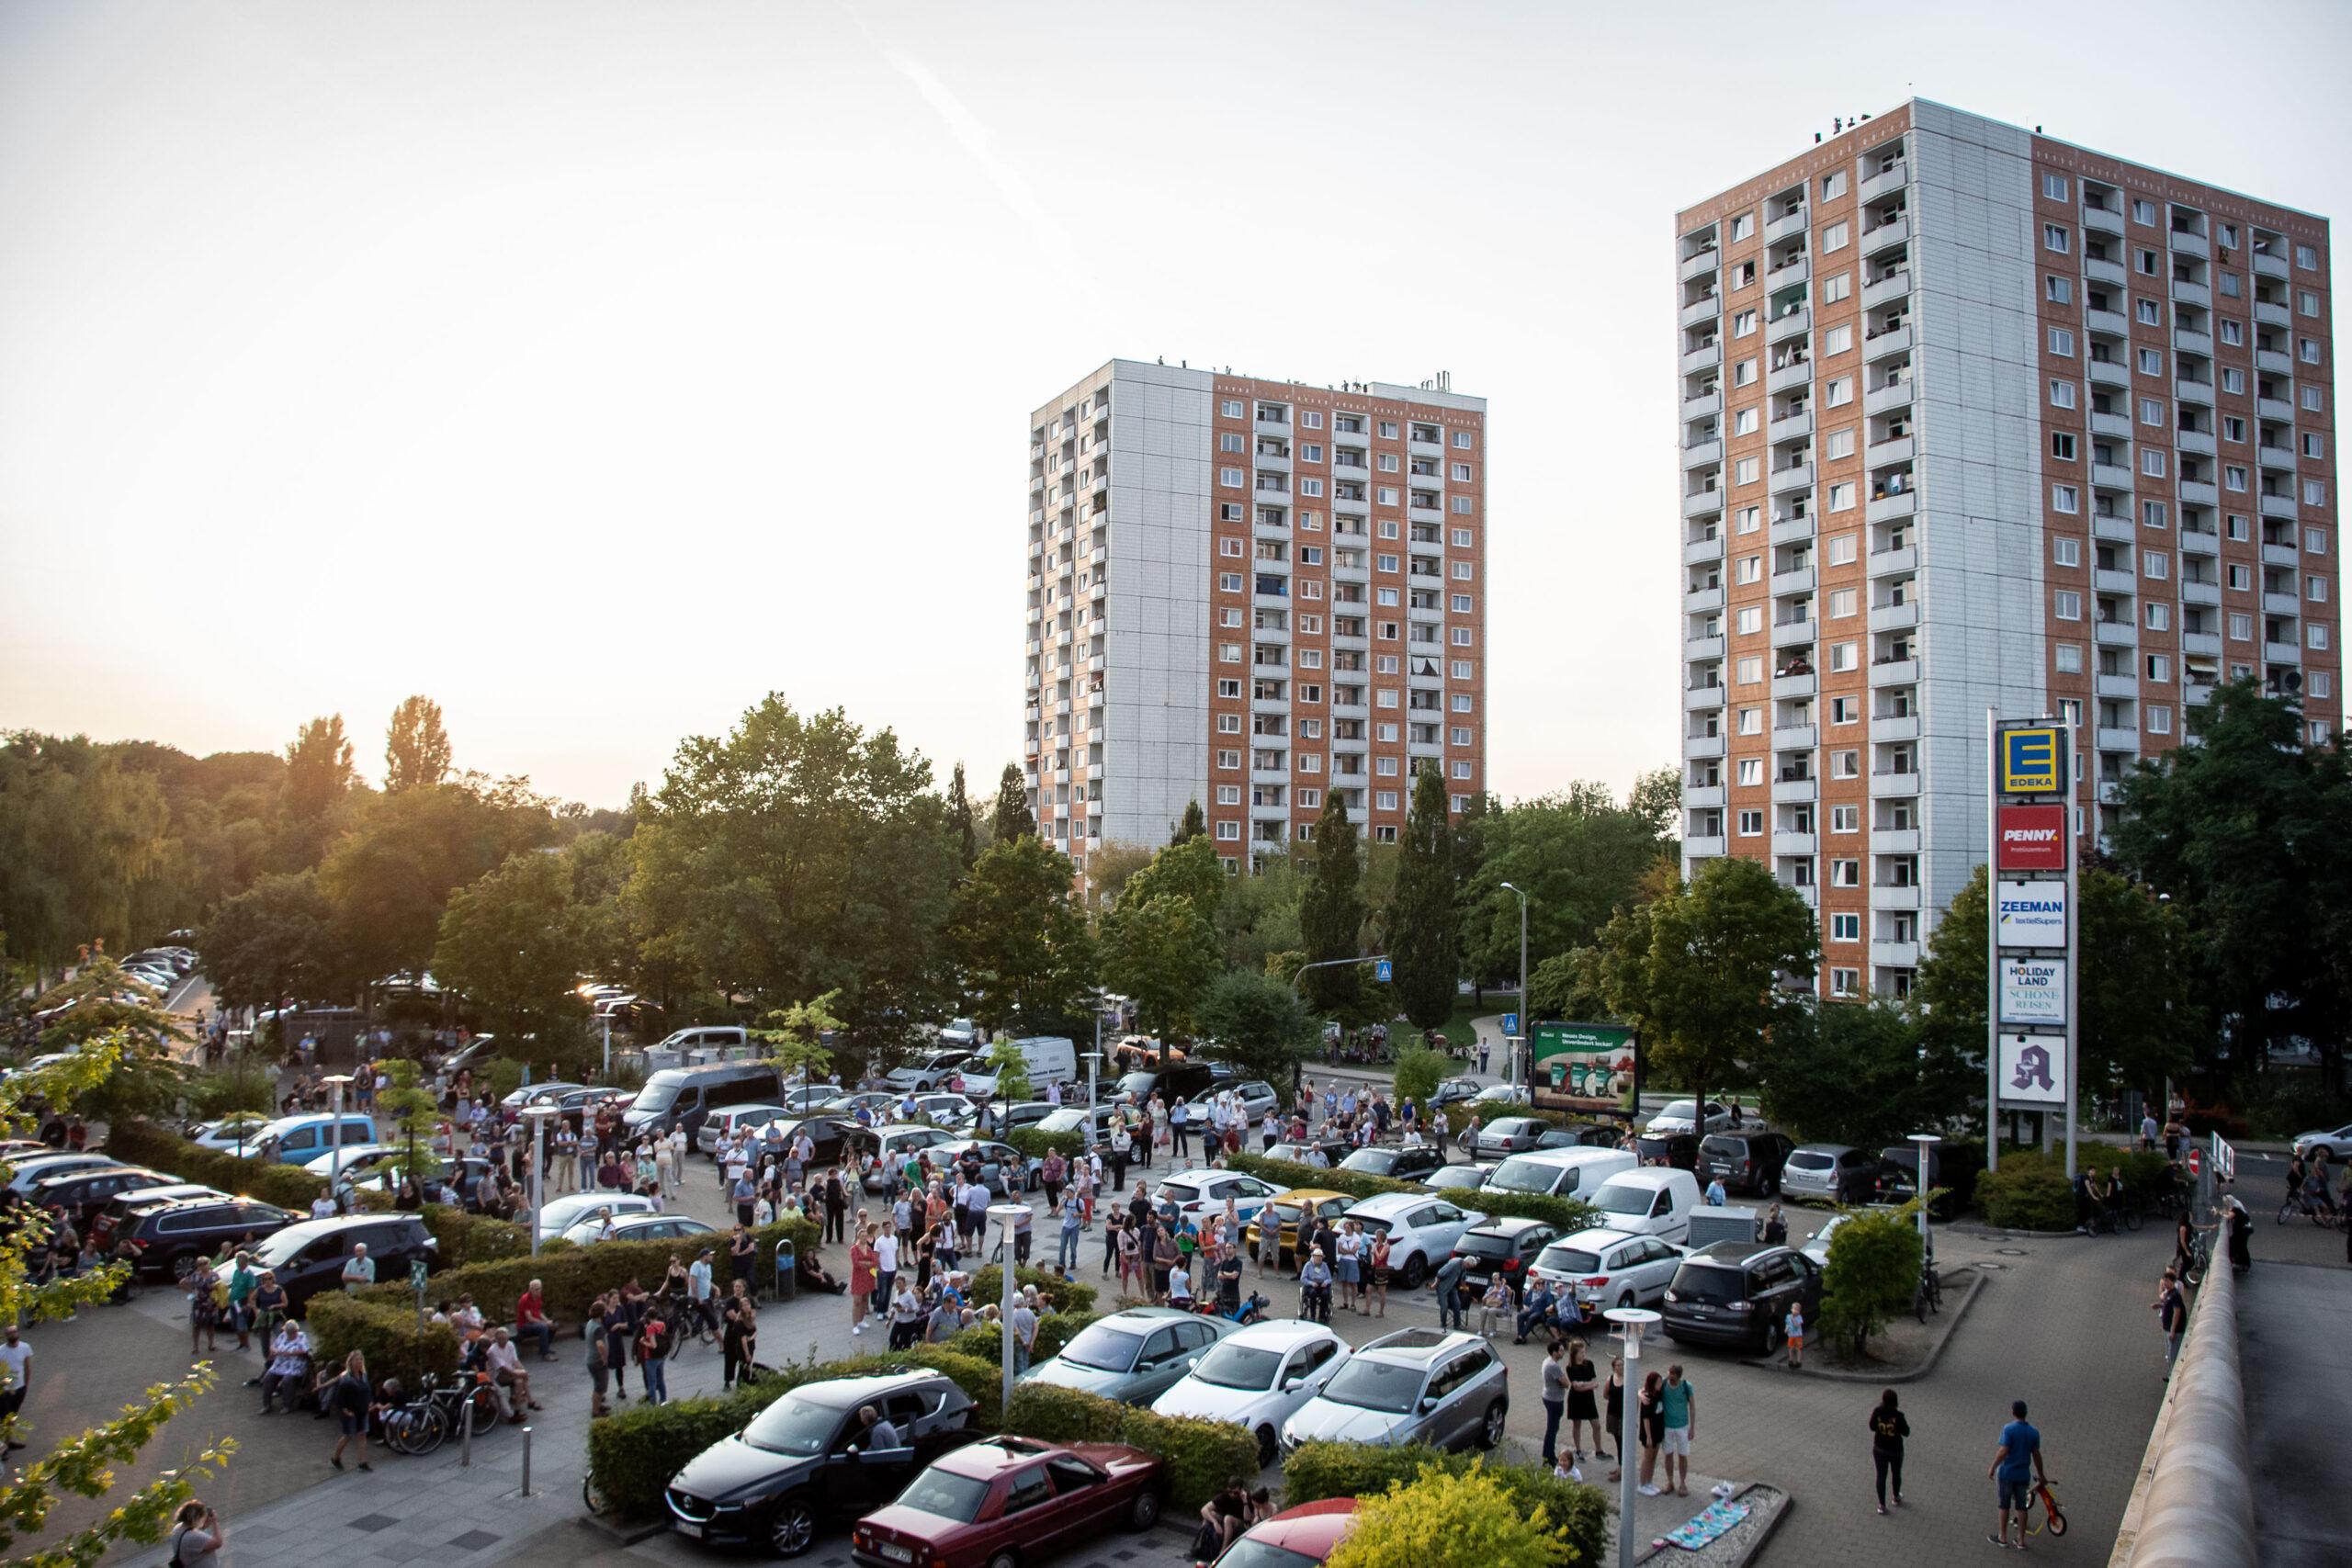 Himmel über Prohlis - Eventfotografie: Anwohner lauschen auf einen Parkplatz